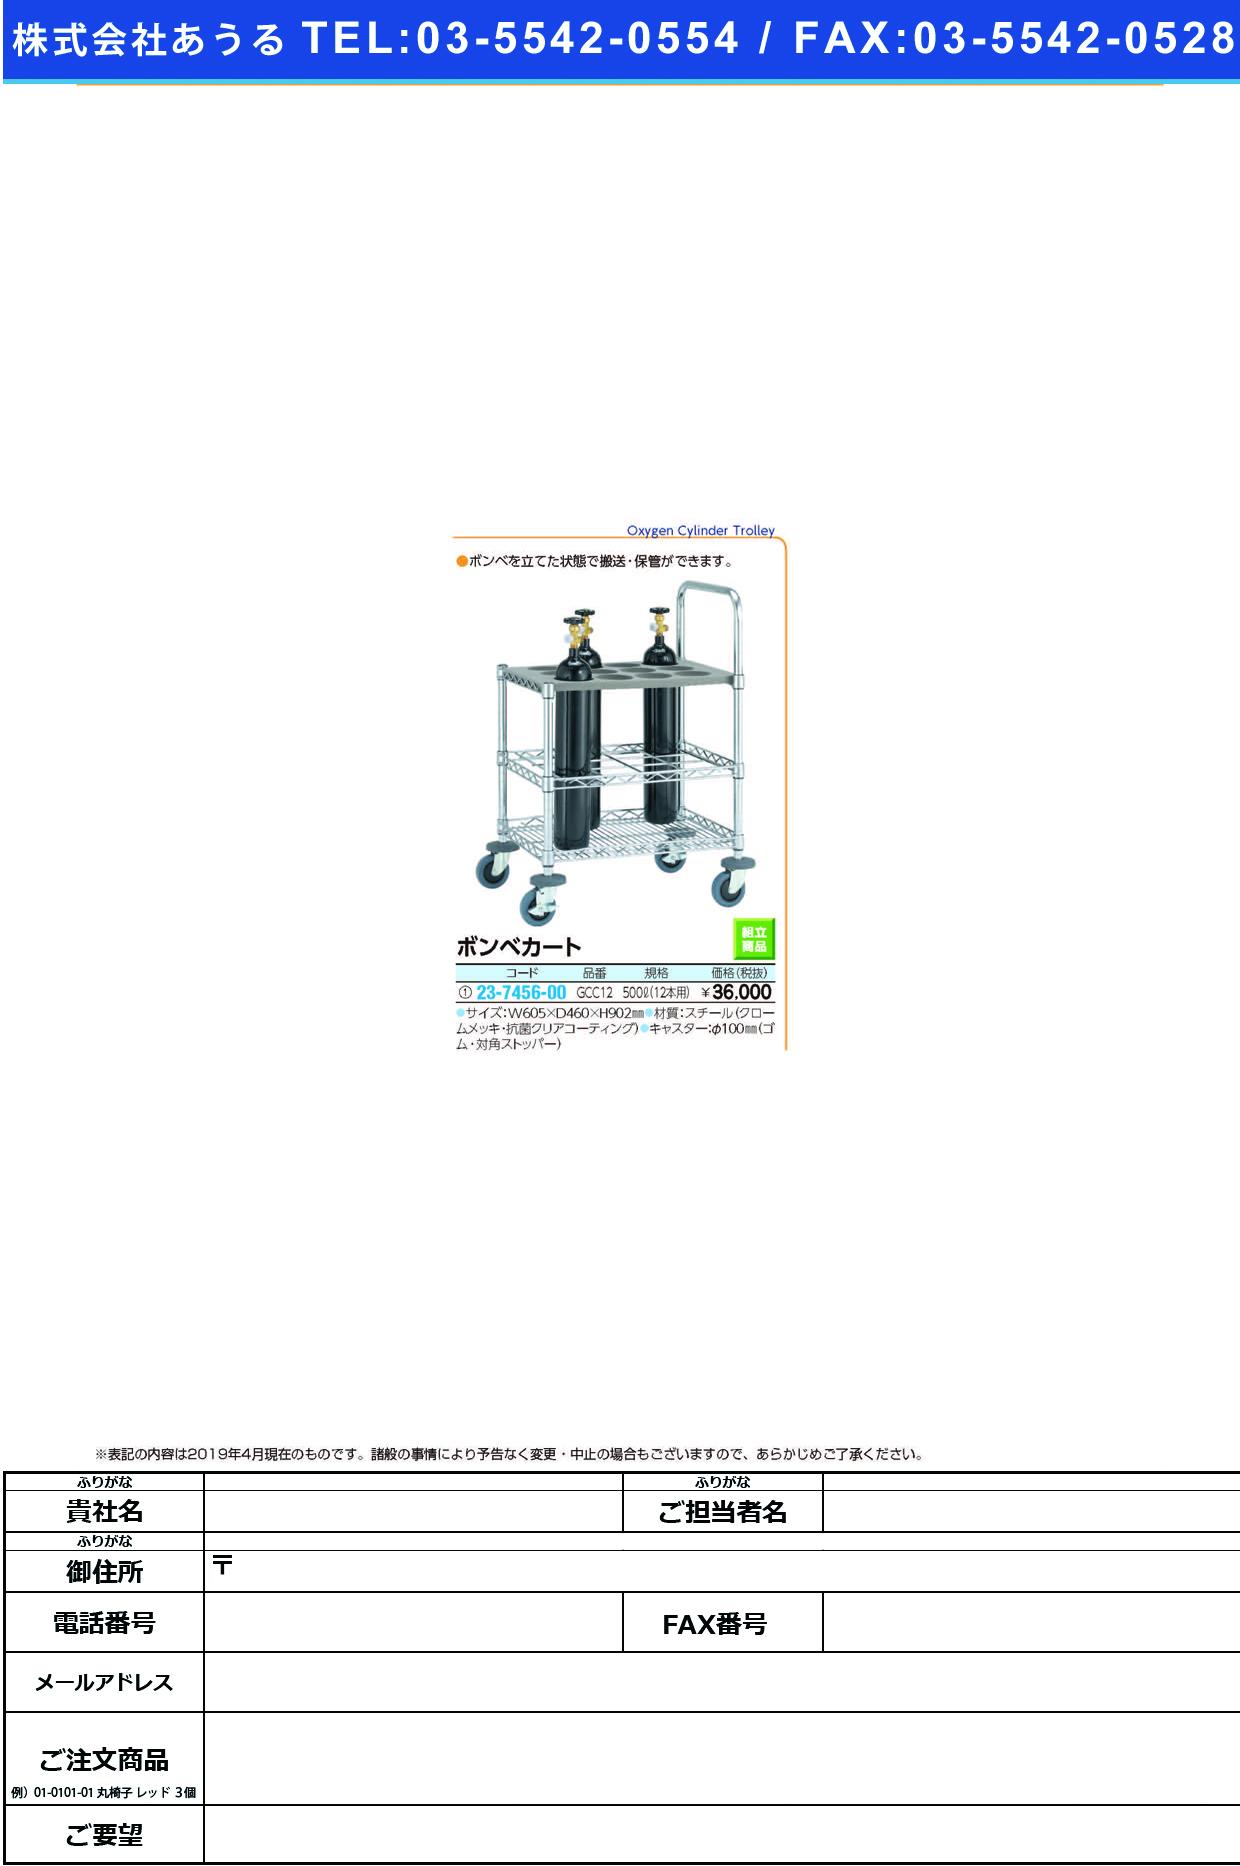 (23-7456-00)ボンベカート(500L・12本用) GCC12 ボンベカート(500L・12ホンヨウ(エレクター)【1台単位】【2019年カタログ商品】